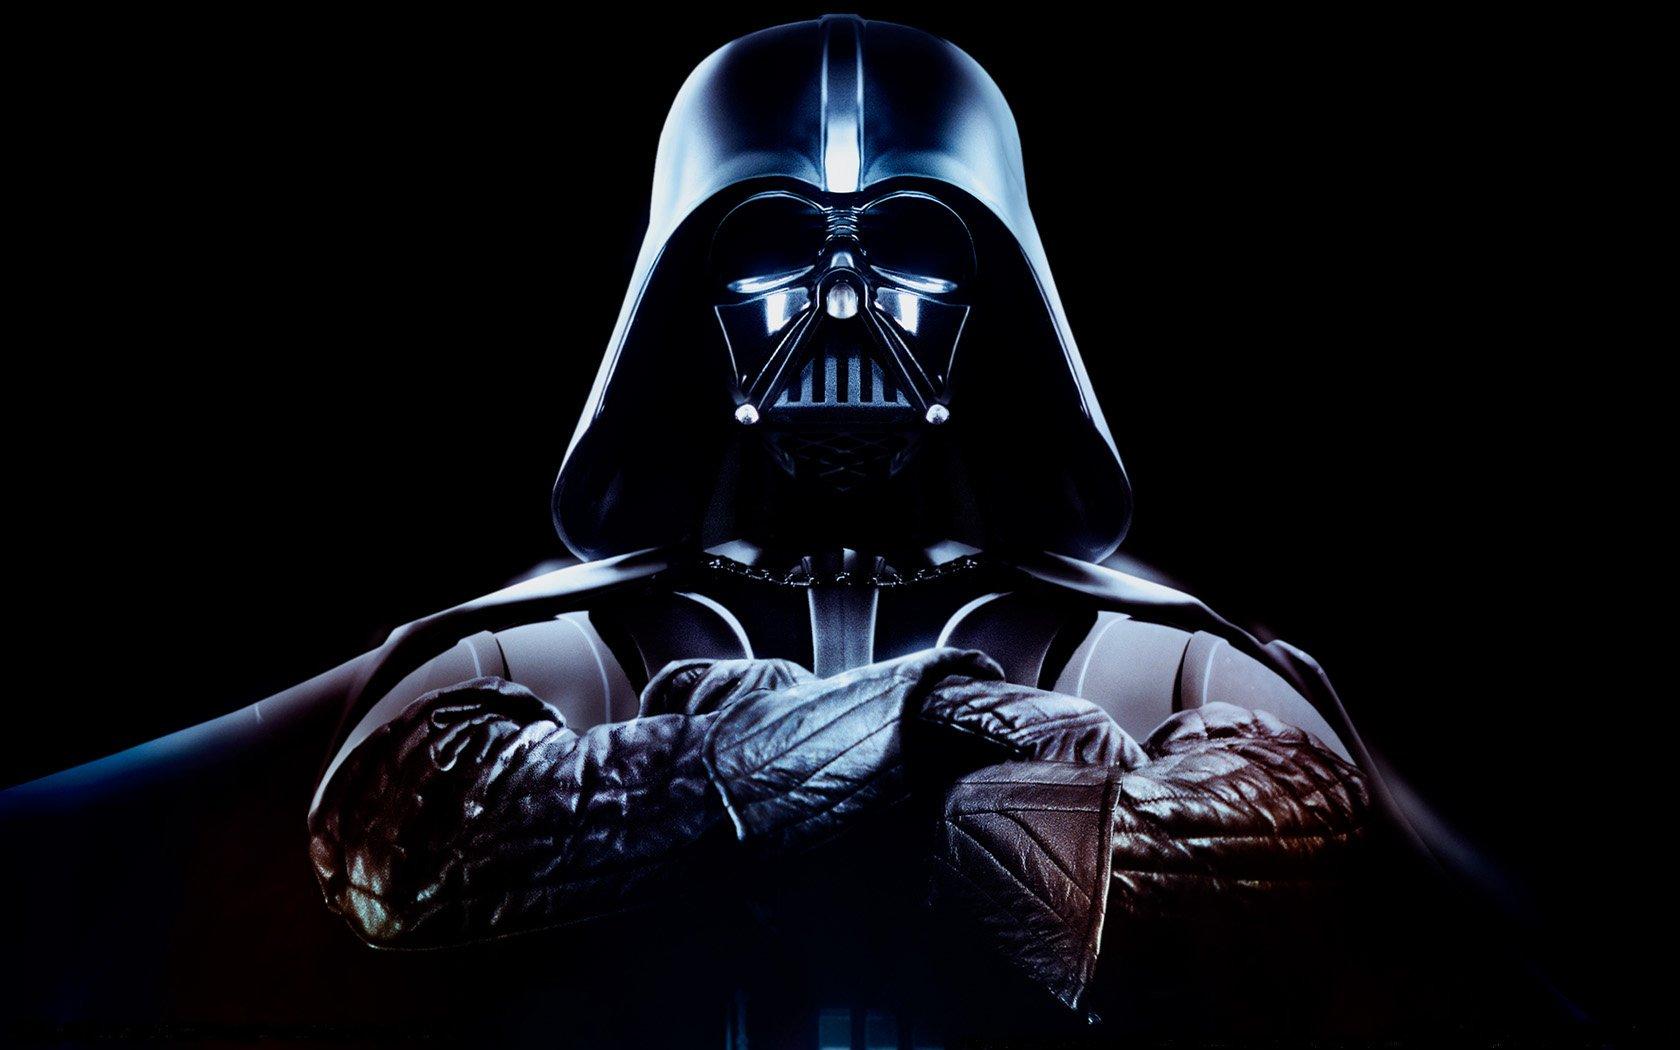 Darth Vader Wallpaper   WallpaperHDwiki 1680x1050